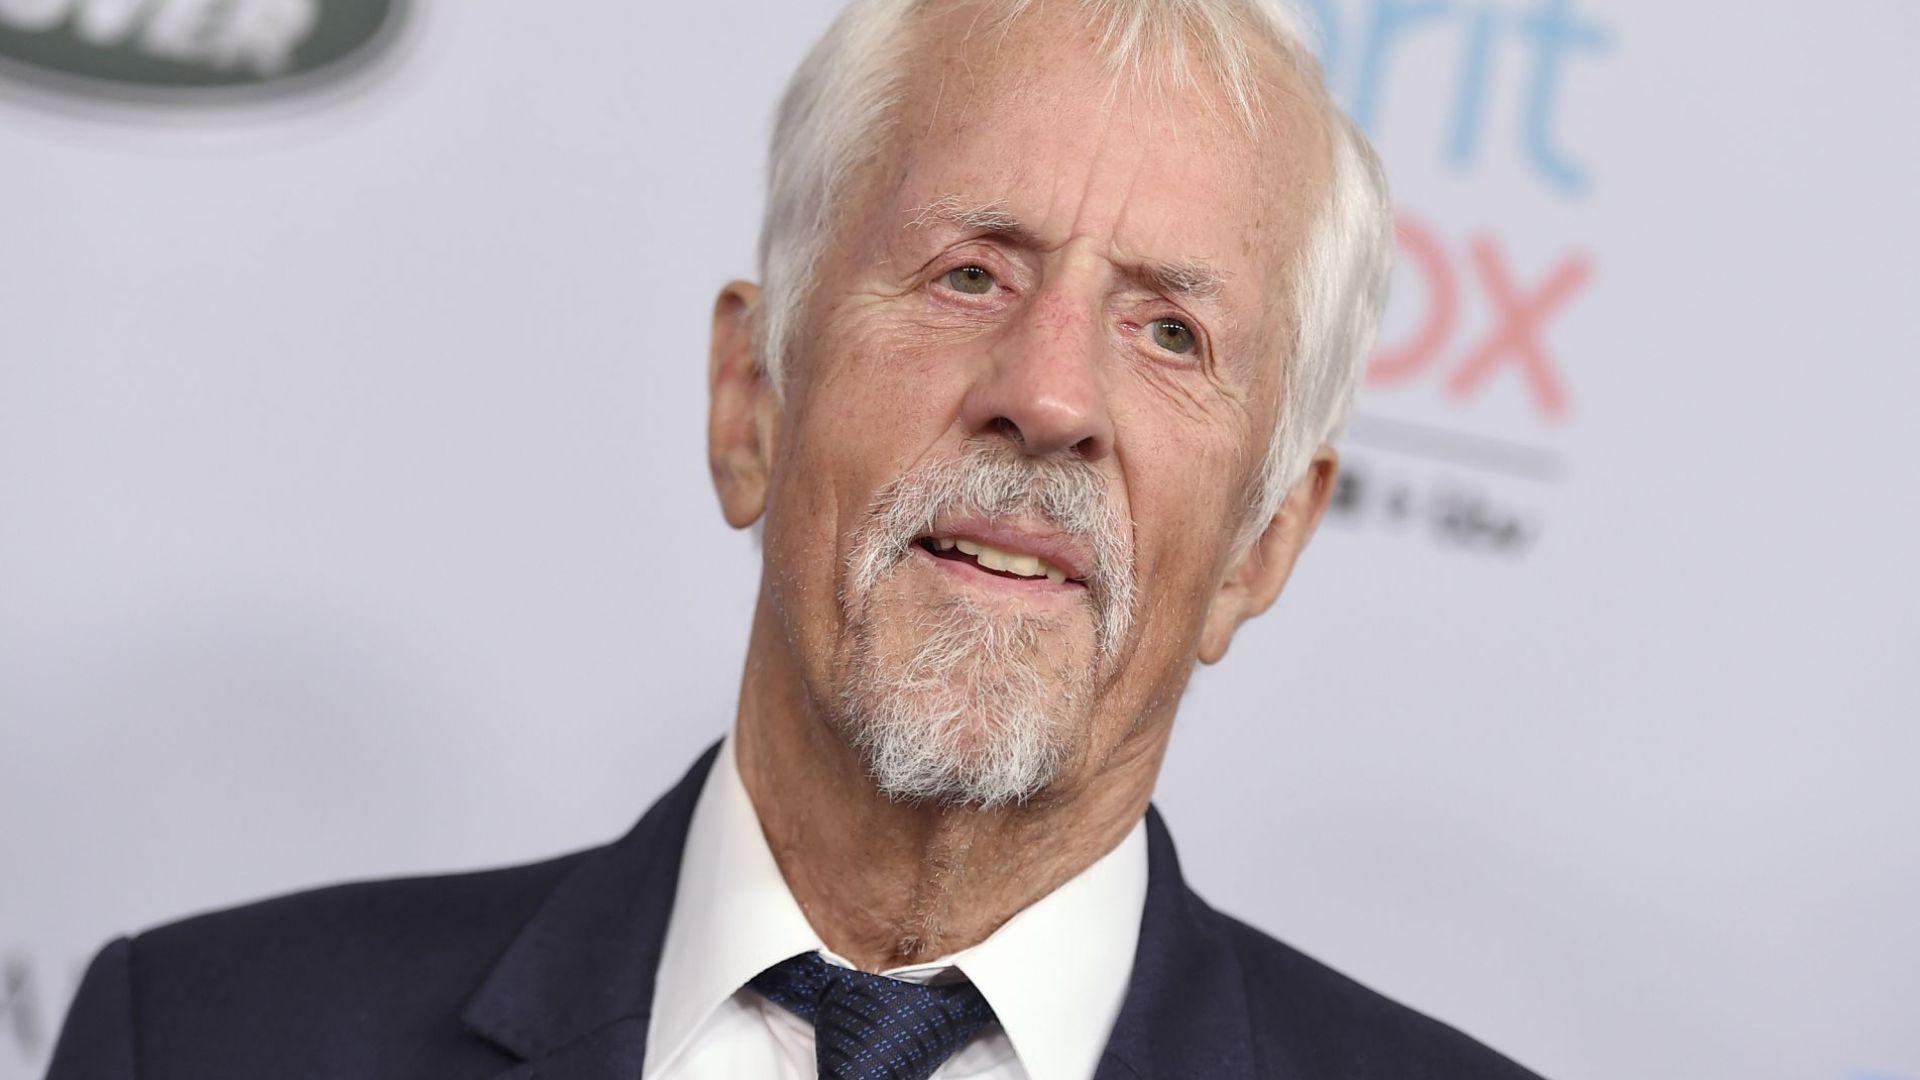 Режисьорът Майкъл Аптед, снимал филм за Джеймс Бонд, почина на 79 г.